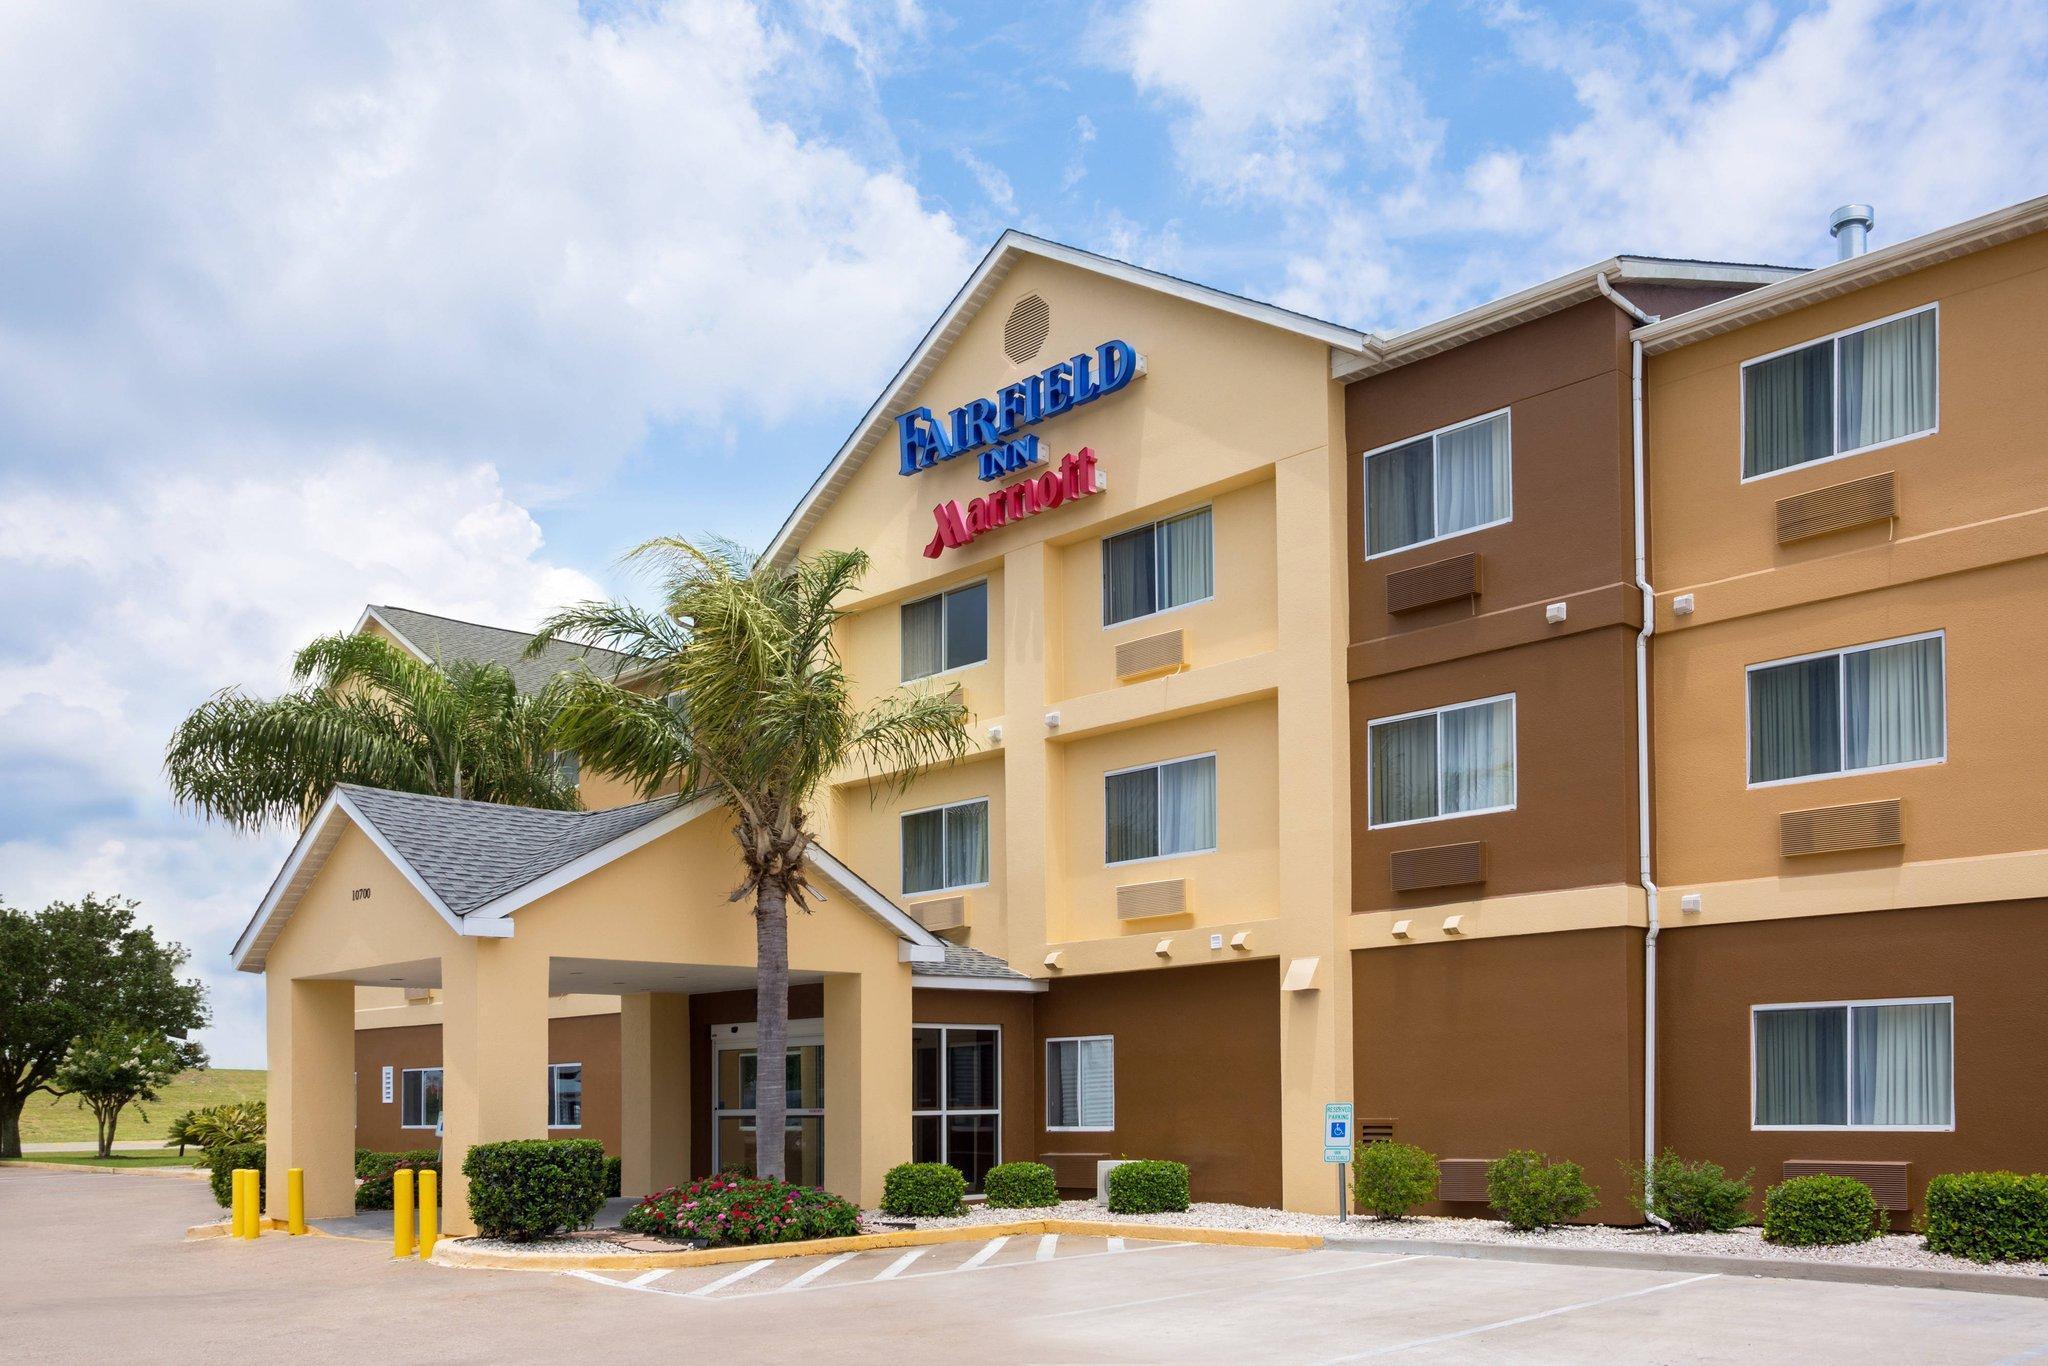 Fairfield Inn And Suites Texas City